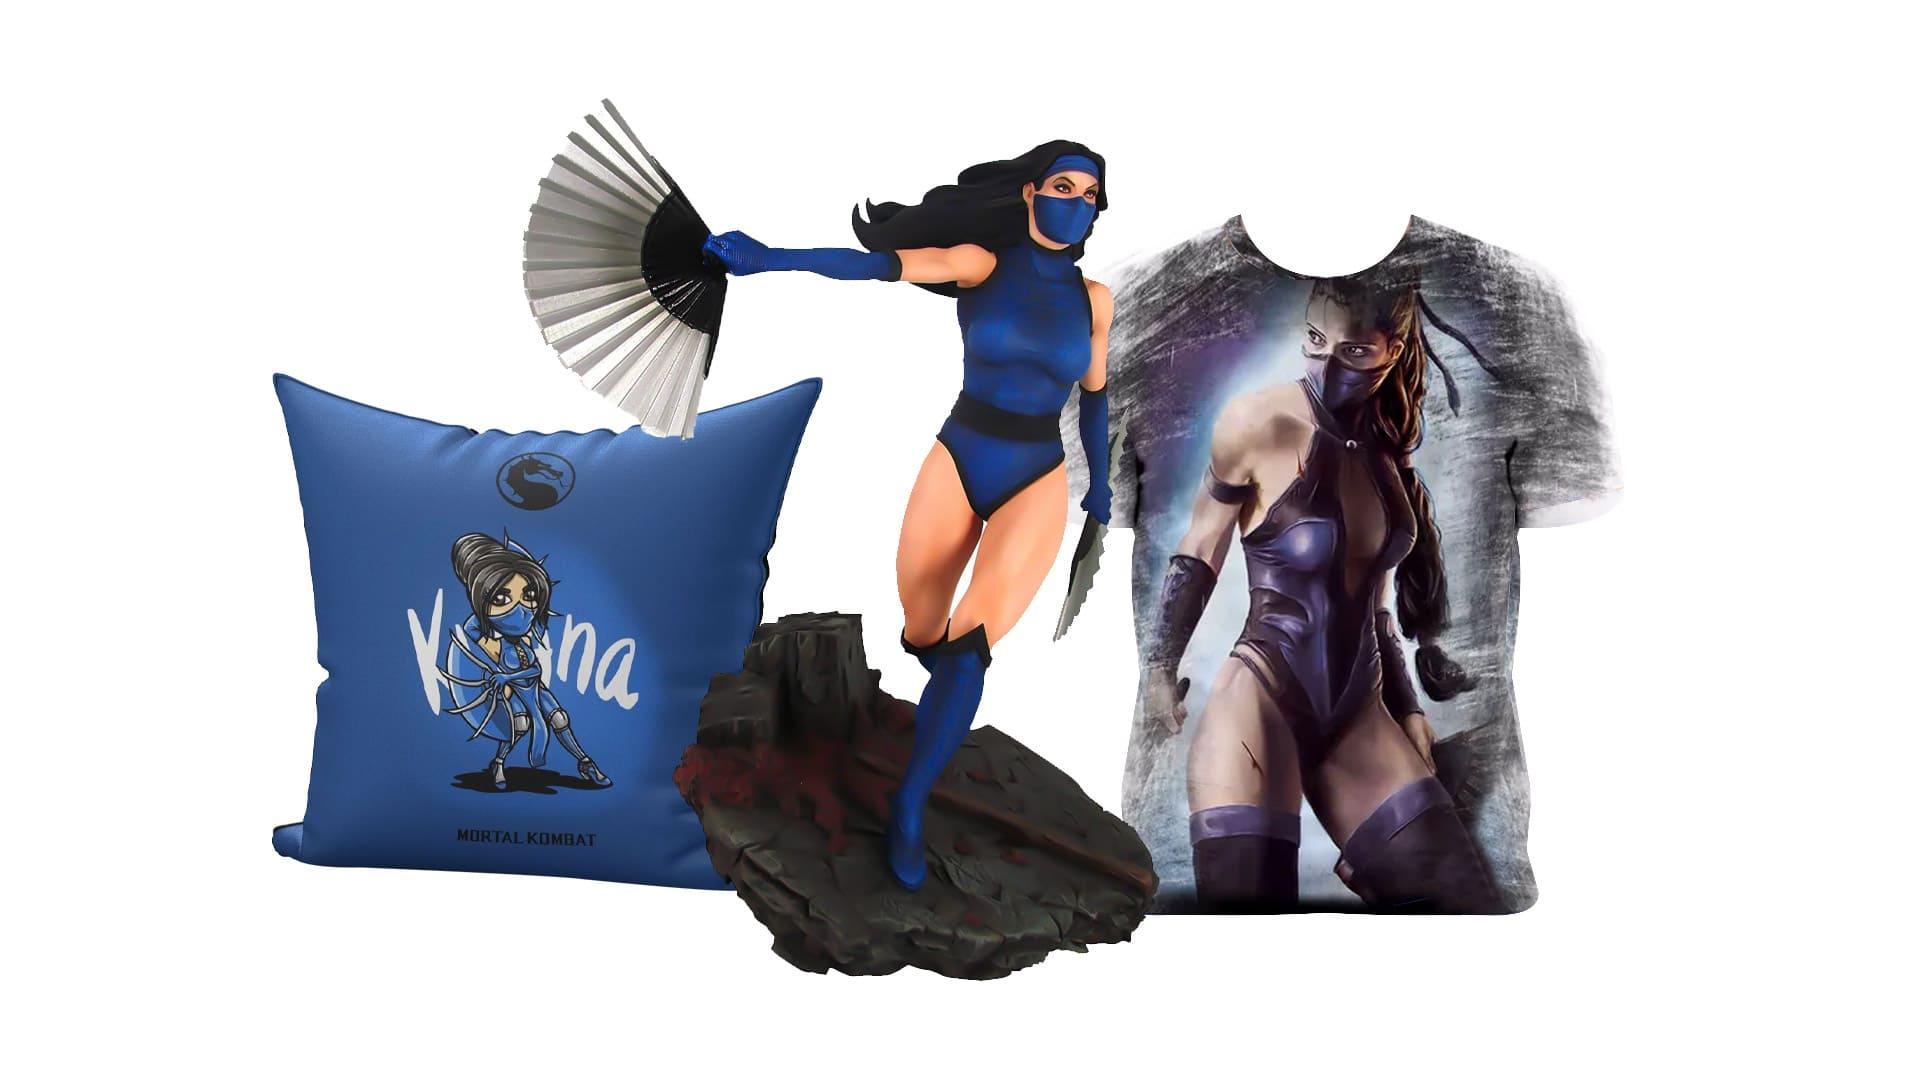 Produtos e colecionáveis estrelados pela personagem Kitana de Mortal Kombat